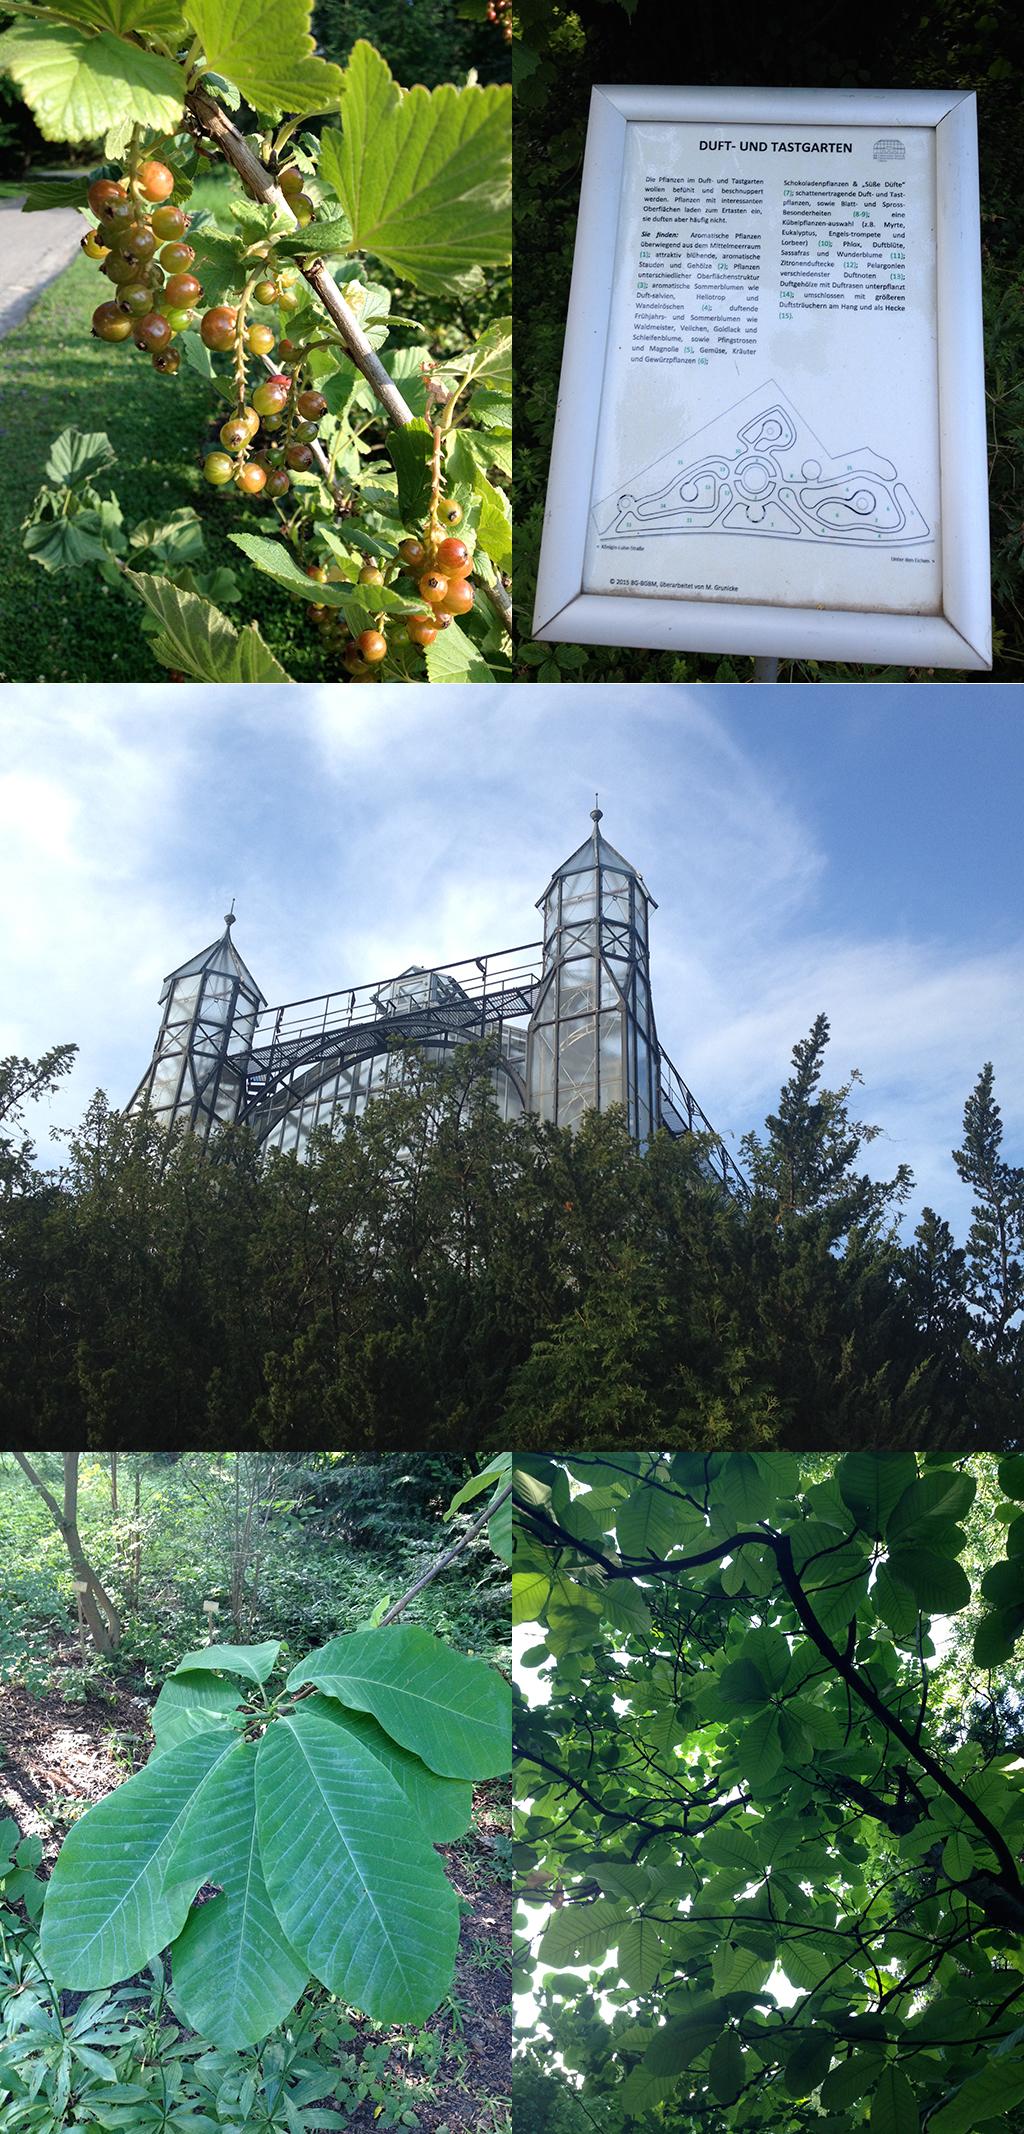 Botanischer Garten Berlin-Dahlem